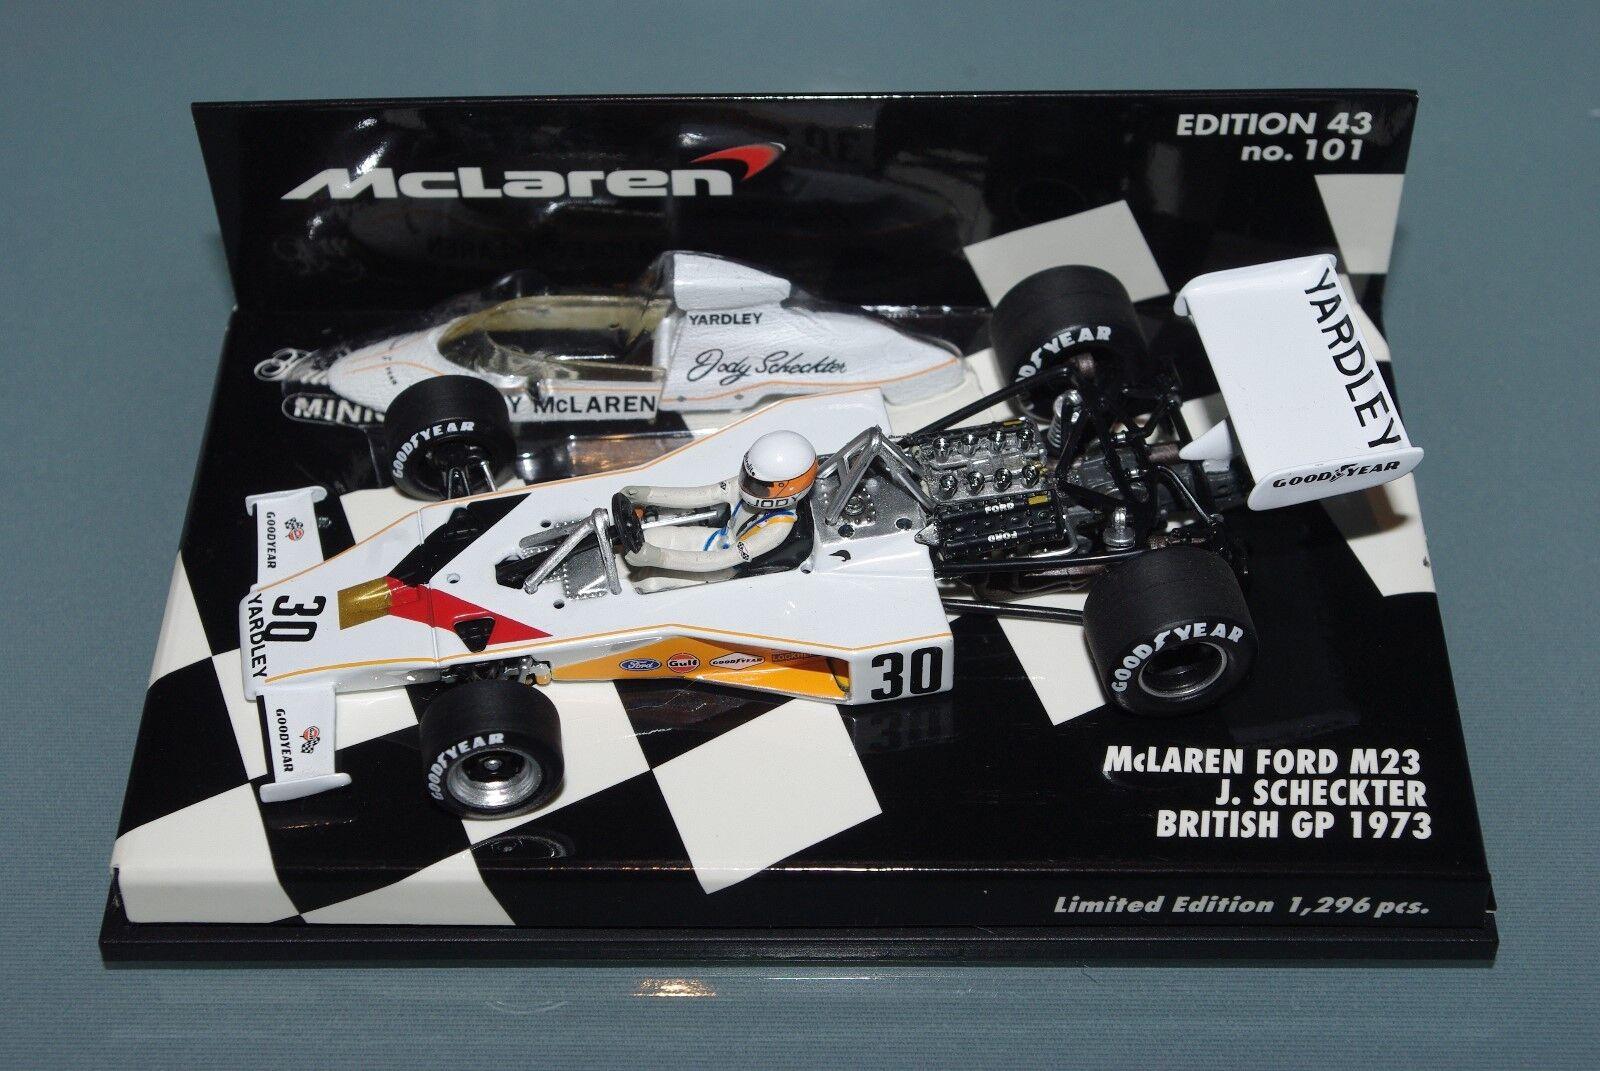 barato Minichamps 1 43 43 43 F1 Yardley McLaren Ford M23 Jody Scheckter British GP 1973  moda clasica